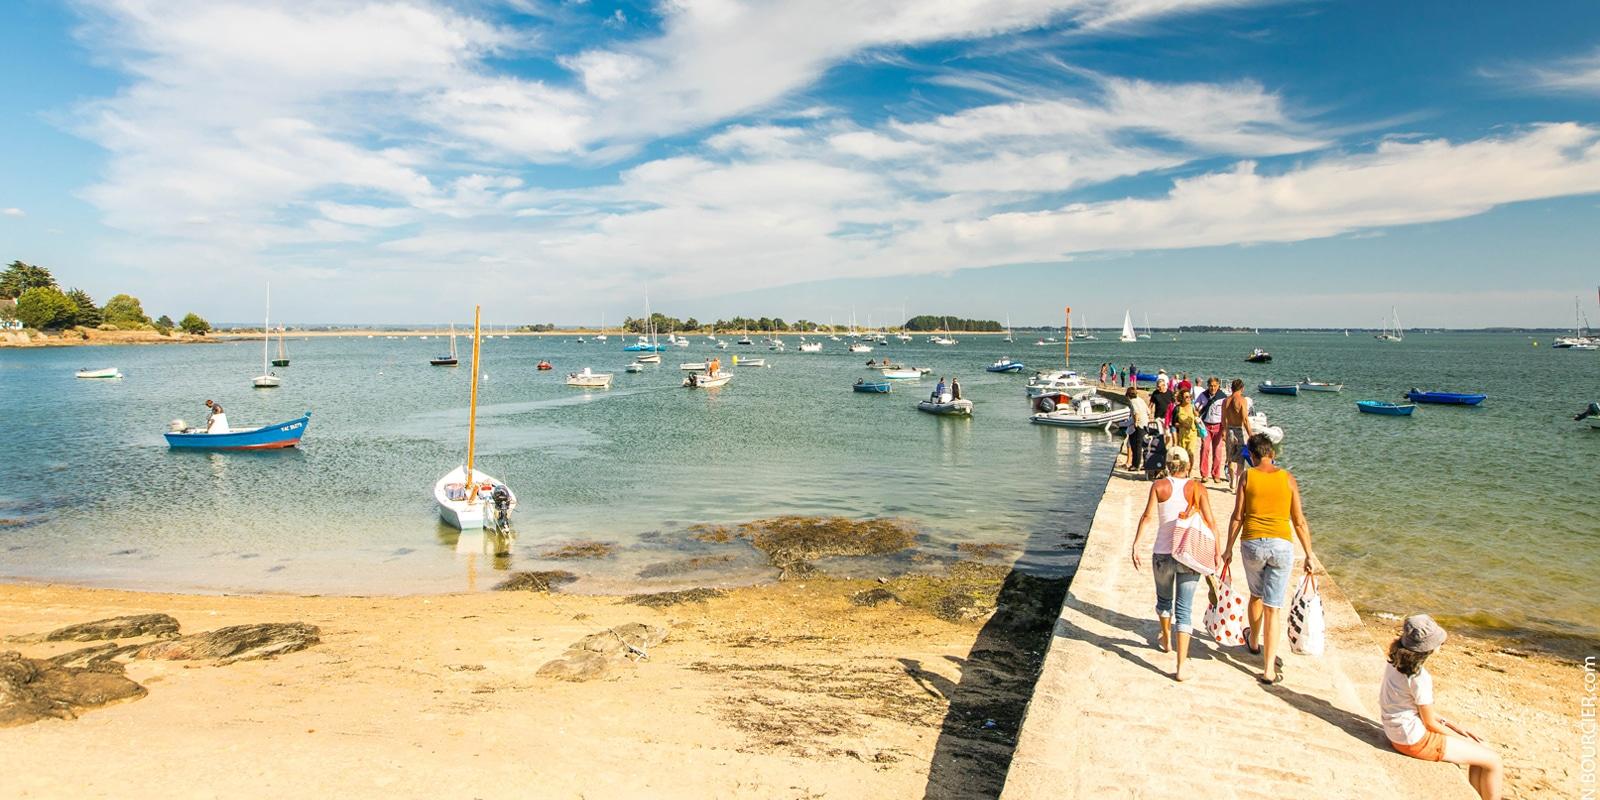 L'île d'Arz dans le Golfe du Morbihan copyright Simon BOURCIER-Morbihan Tourisme